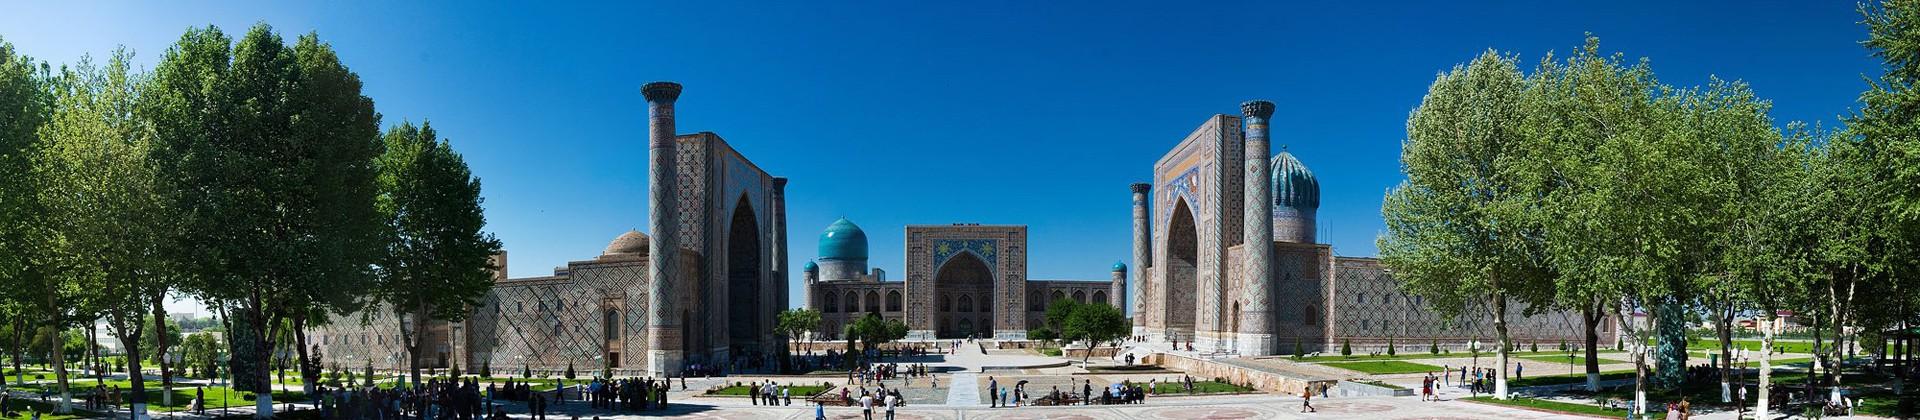 Hush Kelibsiz or Welcome to Uzbekistan! (Economy) - 1